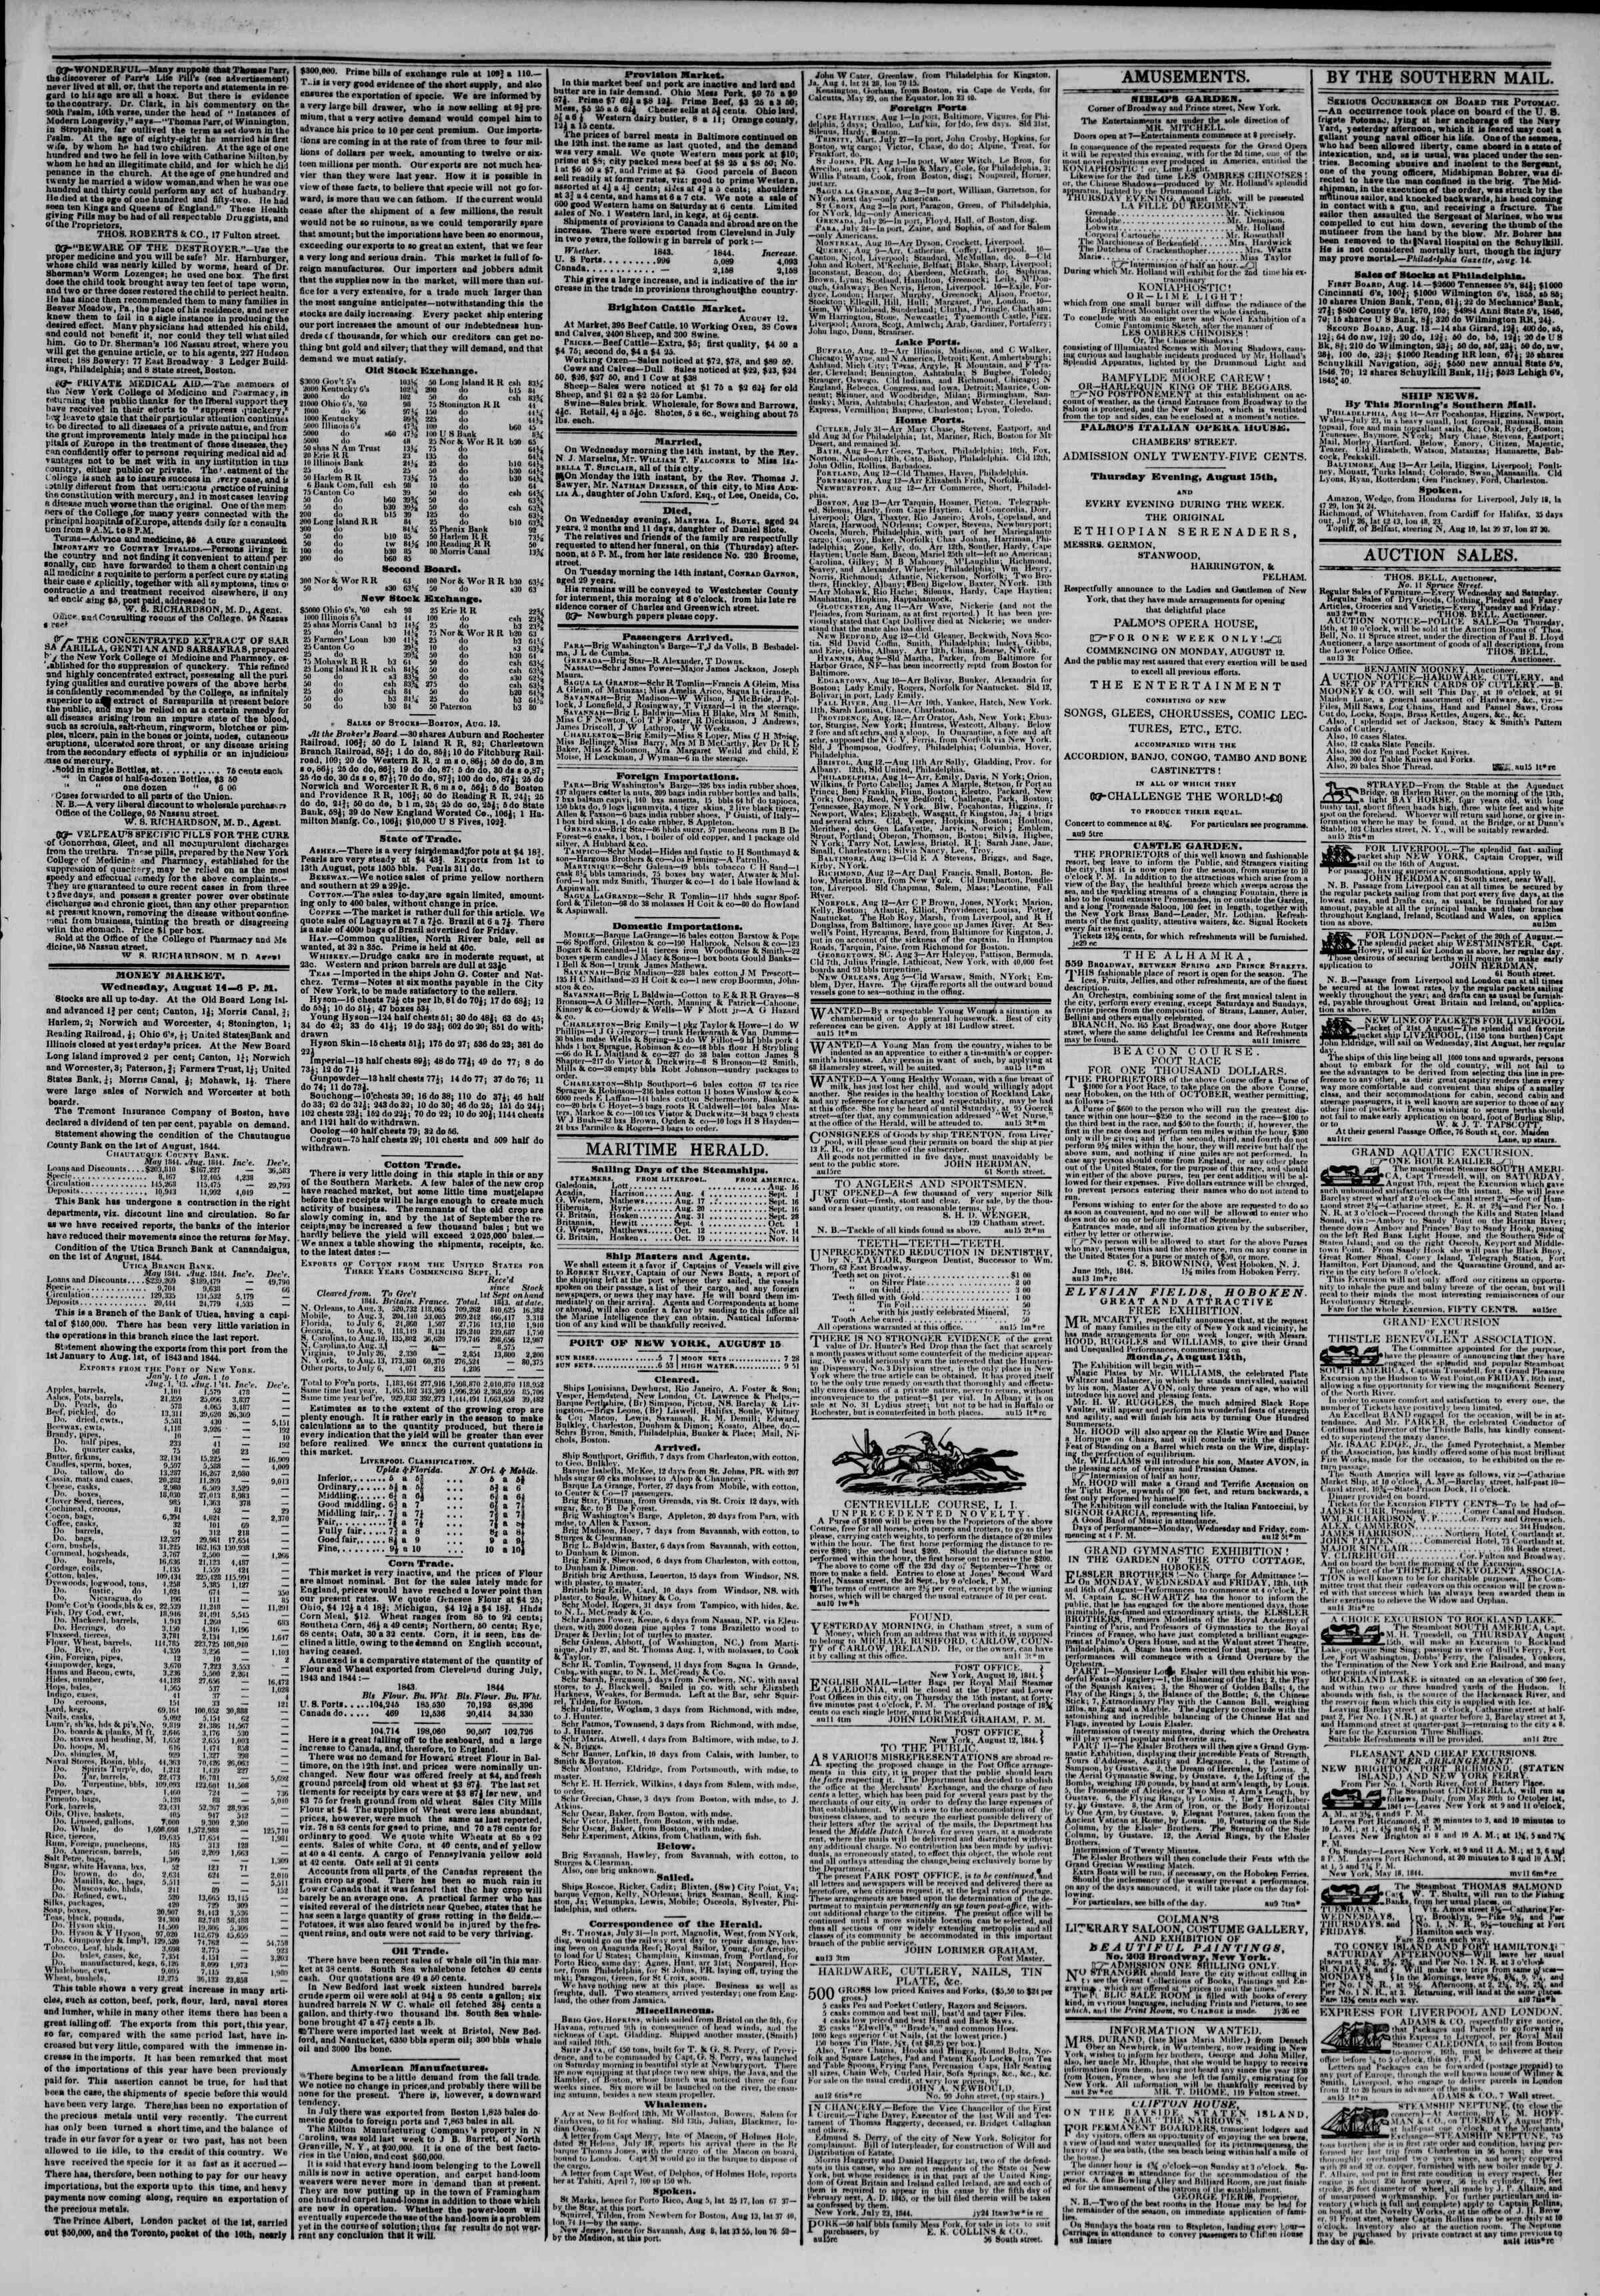 August 15, 1844 Tarihli The New York Herald Gazetesi Sayfa 3